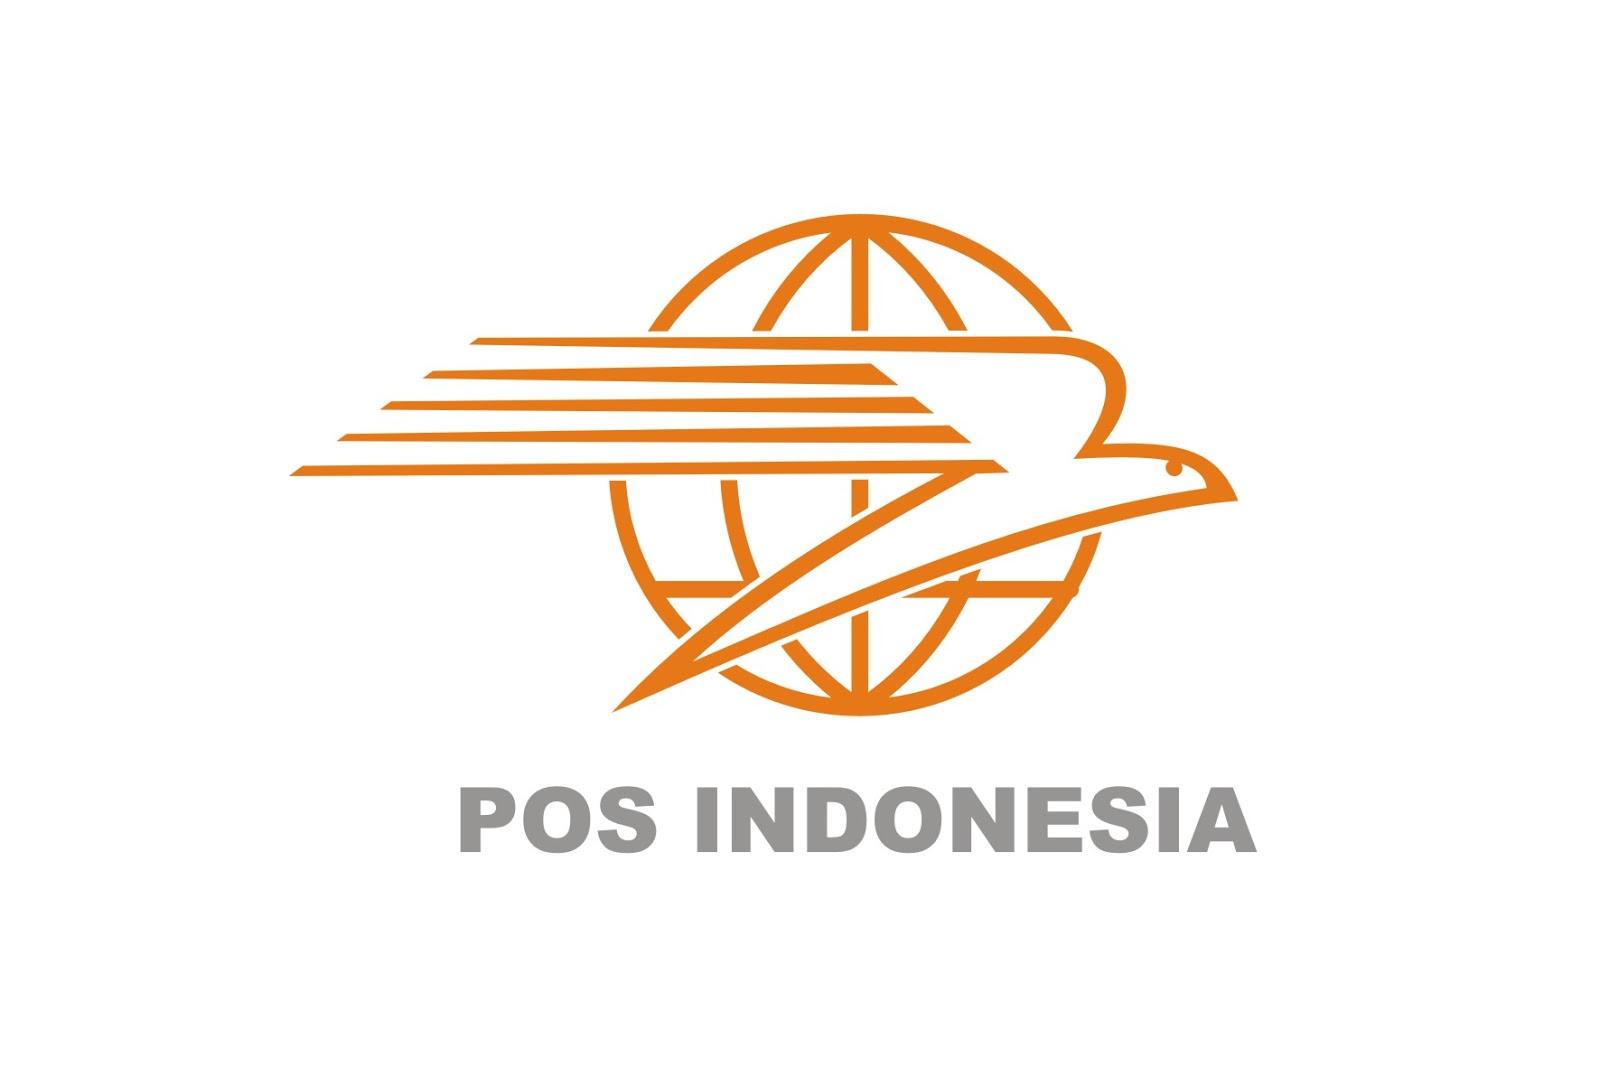 Lowongan Kerja BUMN PT Pos Indonesia (Persero) - April 2015